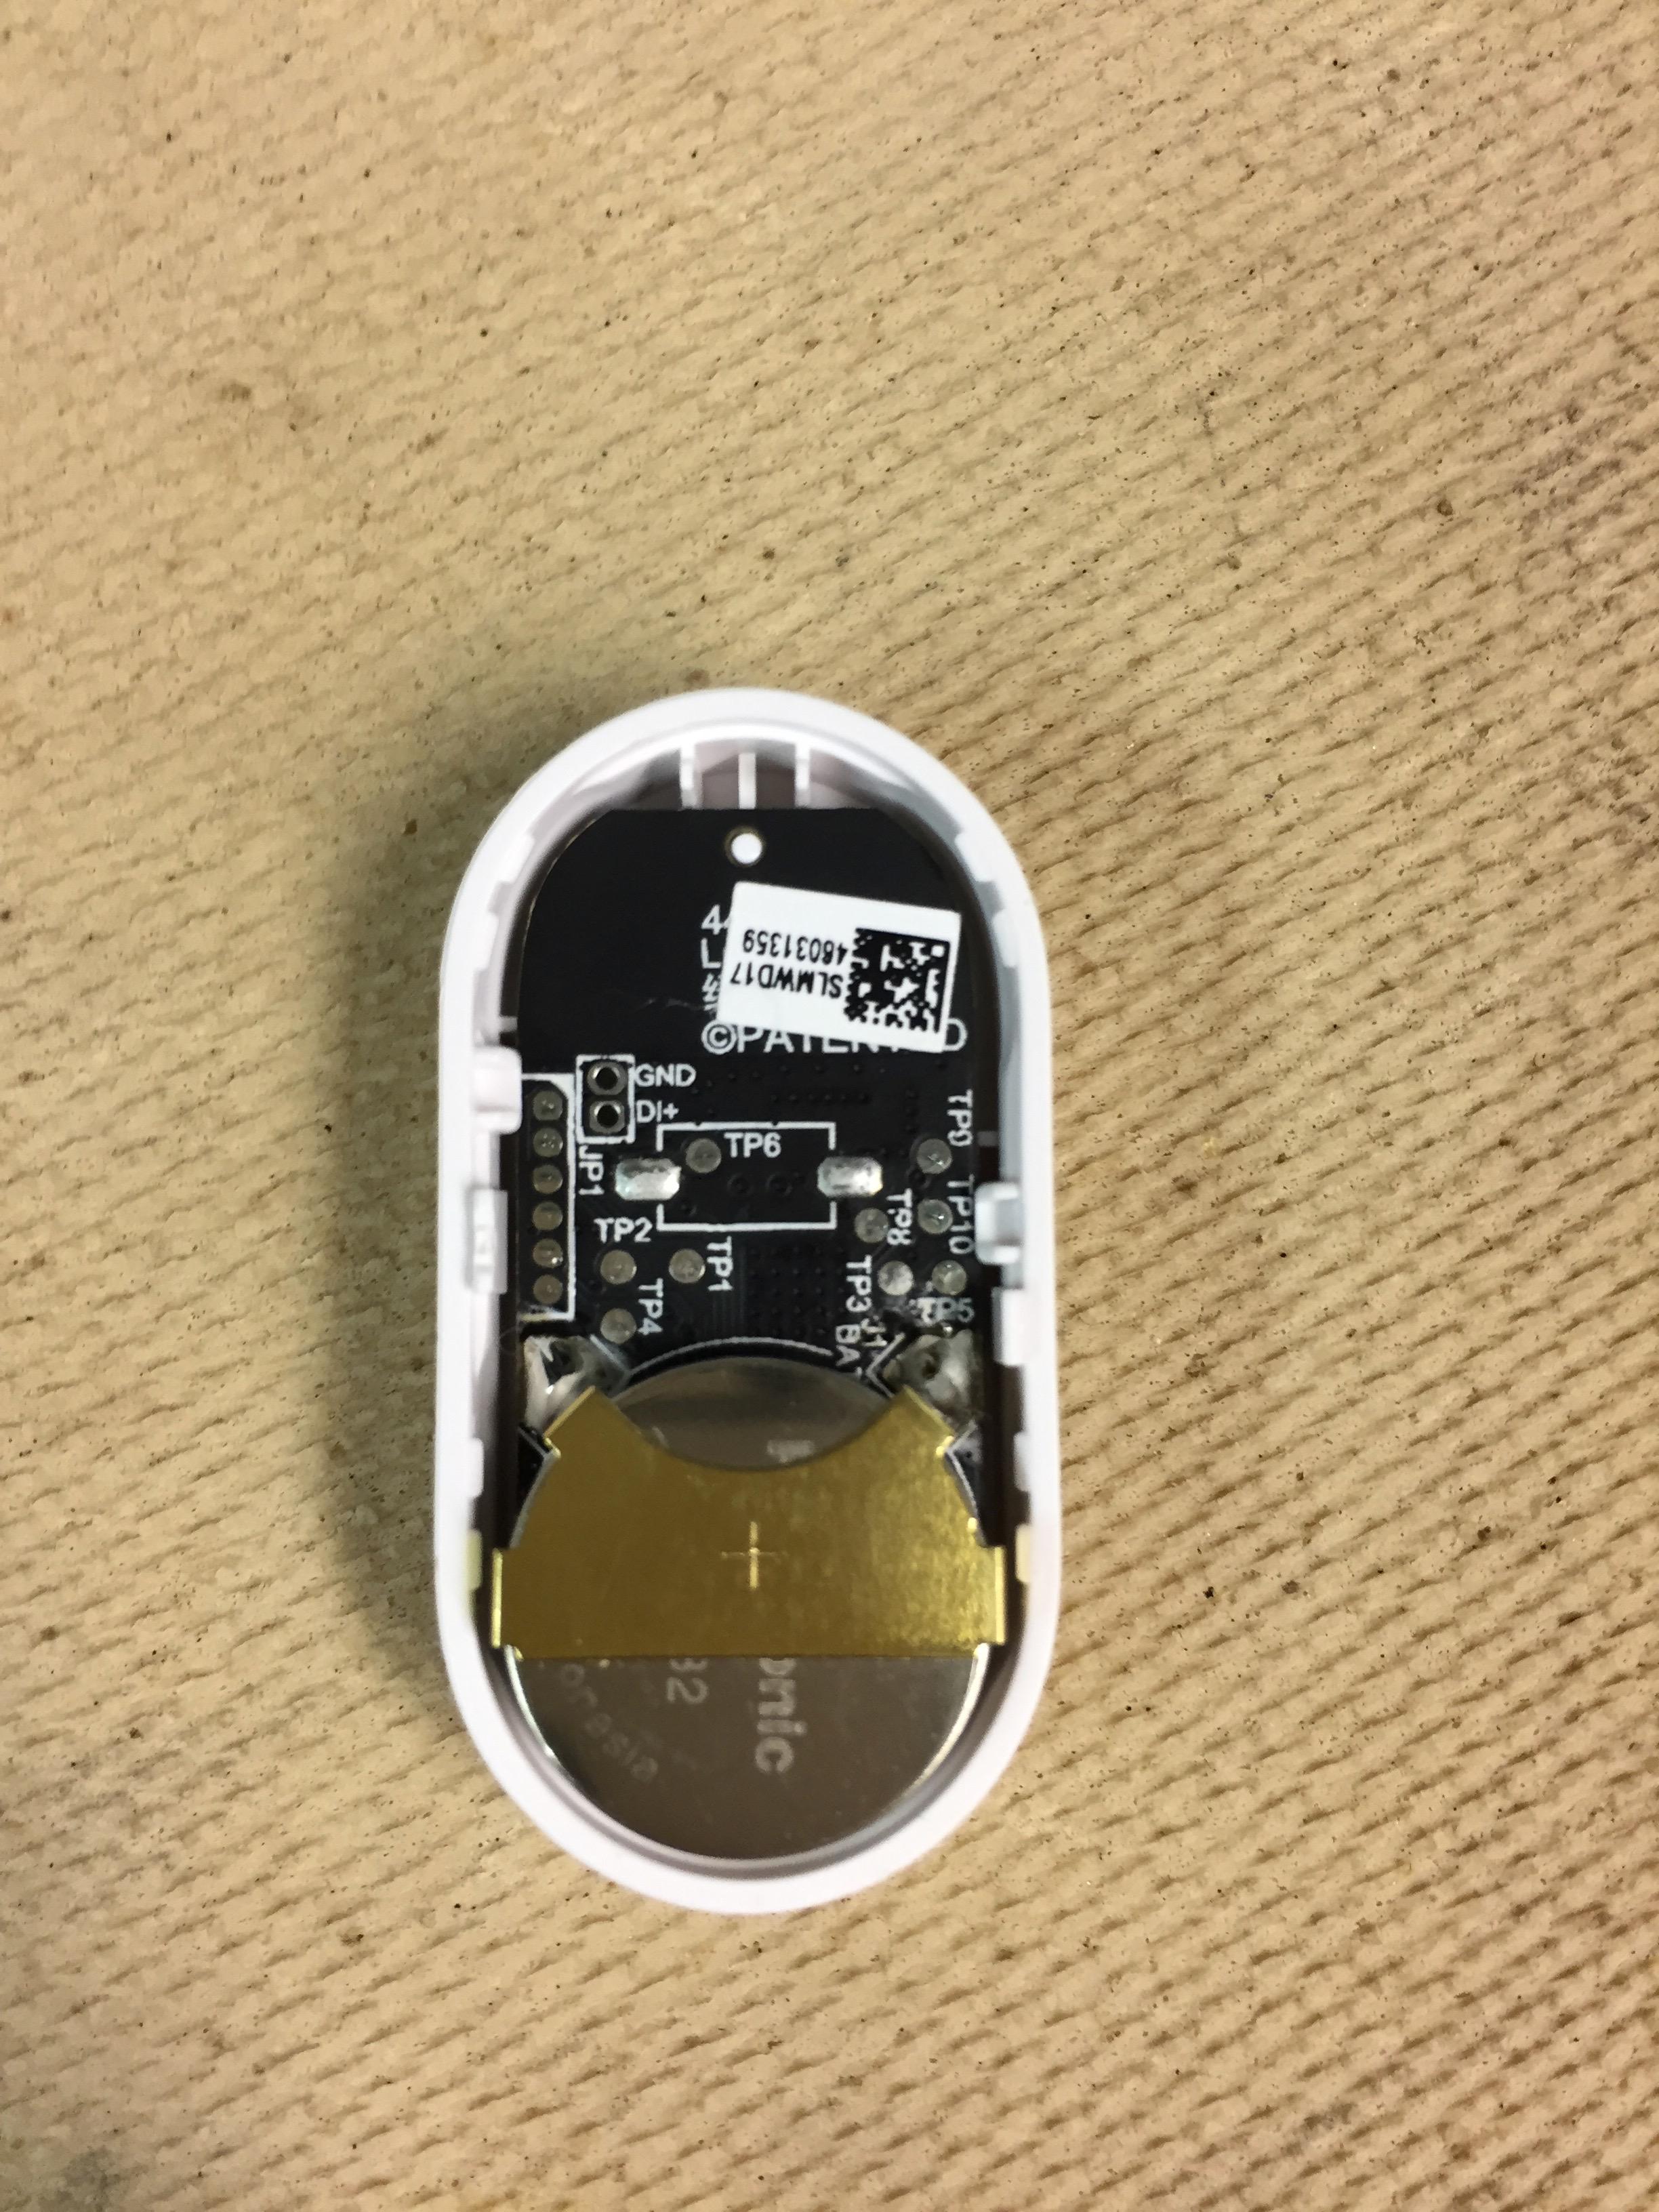 XIAOMI Doorbell - Devices - Hubitat